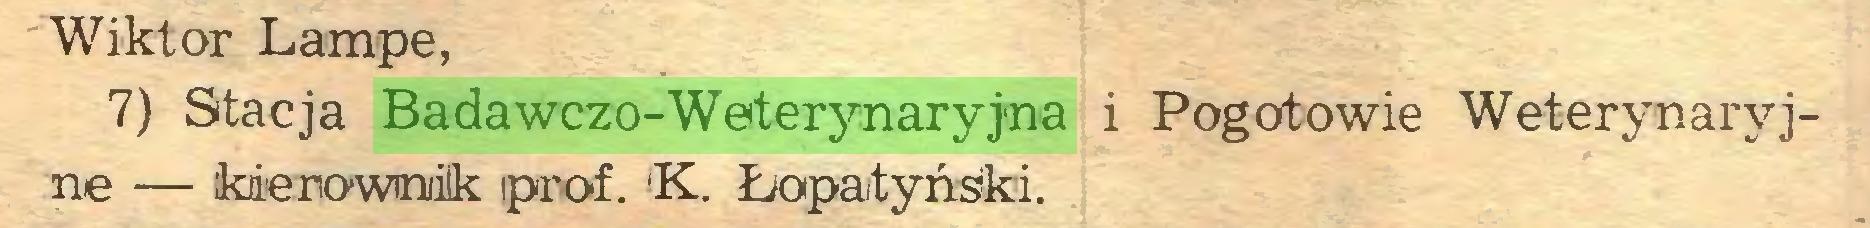 (...) Wiktor Lampe, 7) Stacja Badawczo-Weterynaryjna i Pogotowie Weterynaryjne — kierownik iprof. fK. Łopatyński...